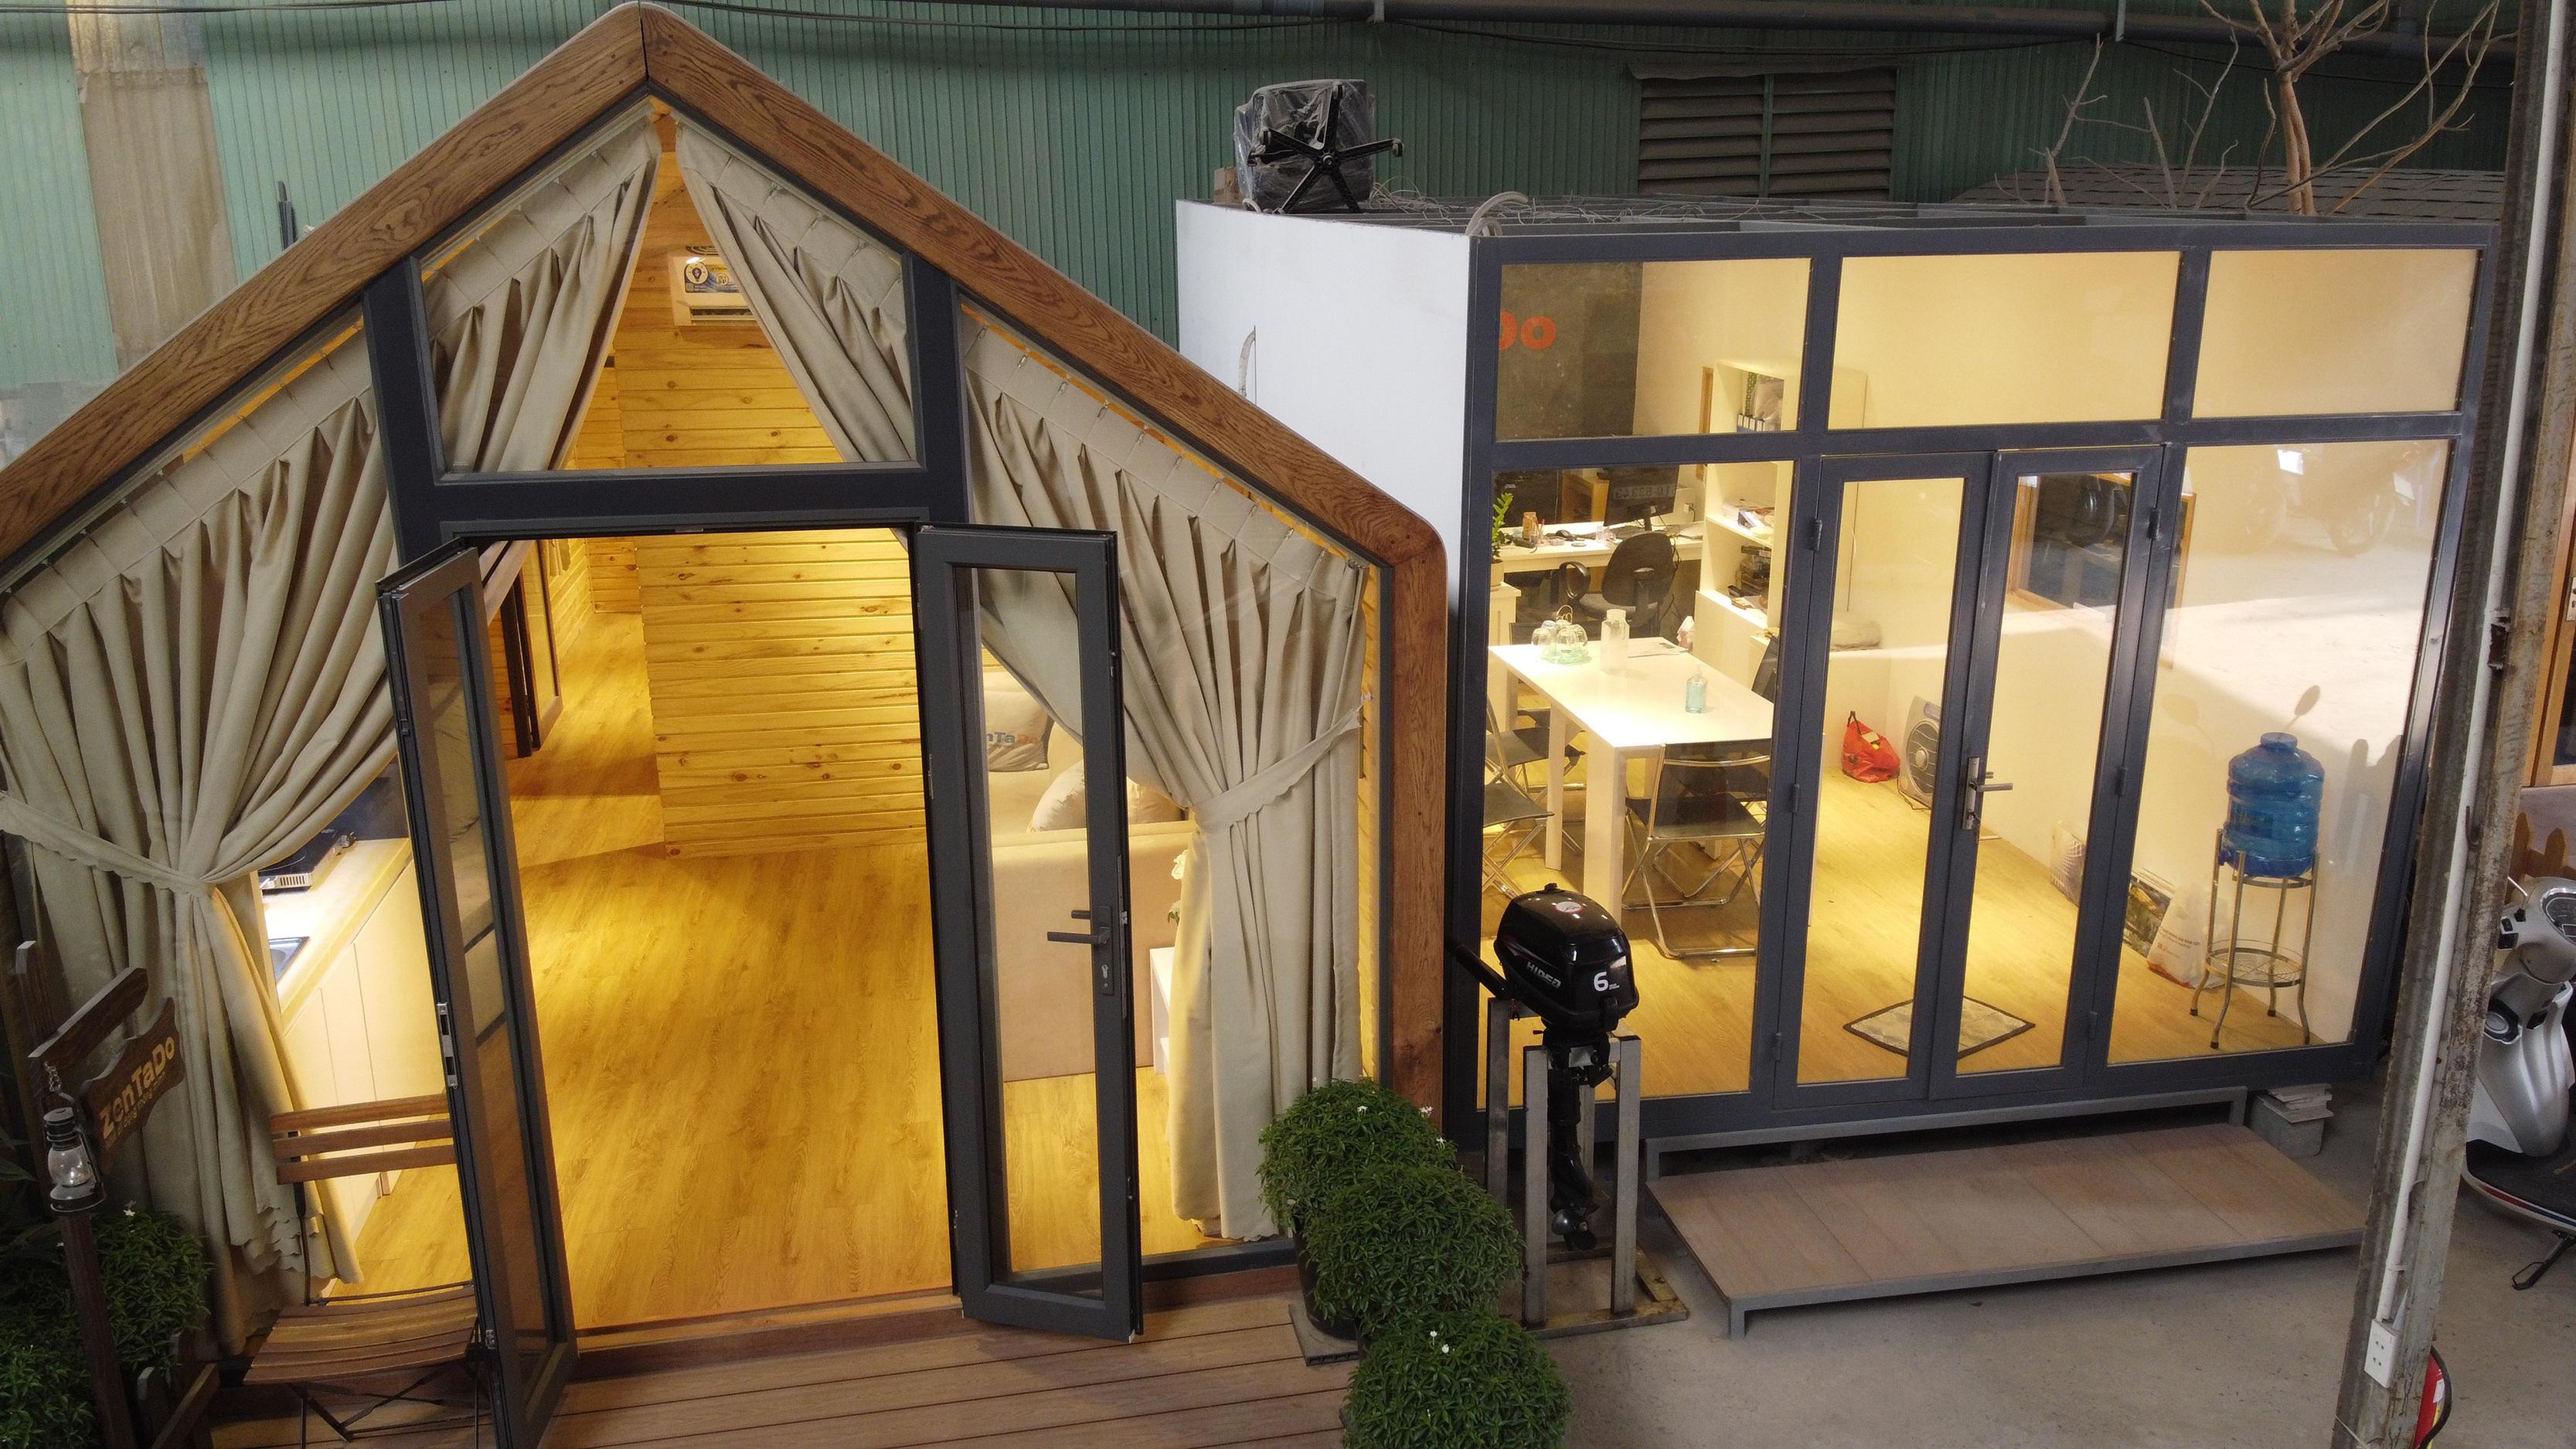 Độc lạ mô hình nhà di động thông minh, không gian xanh - 9